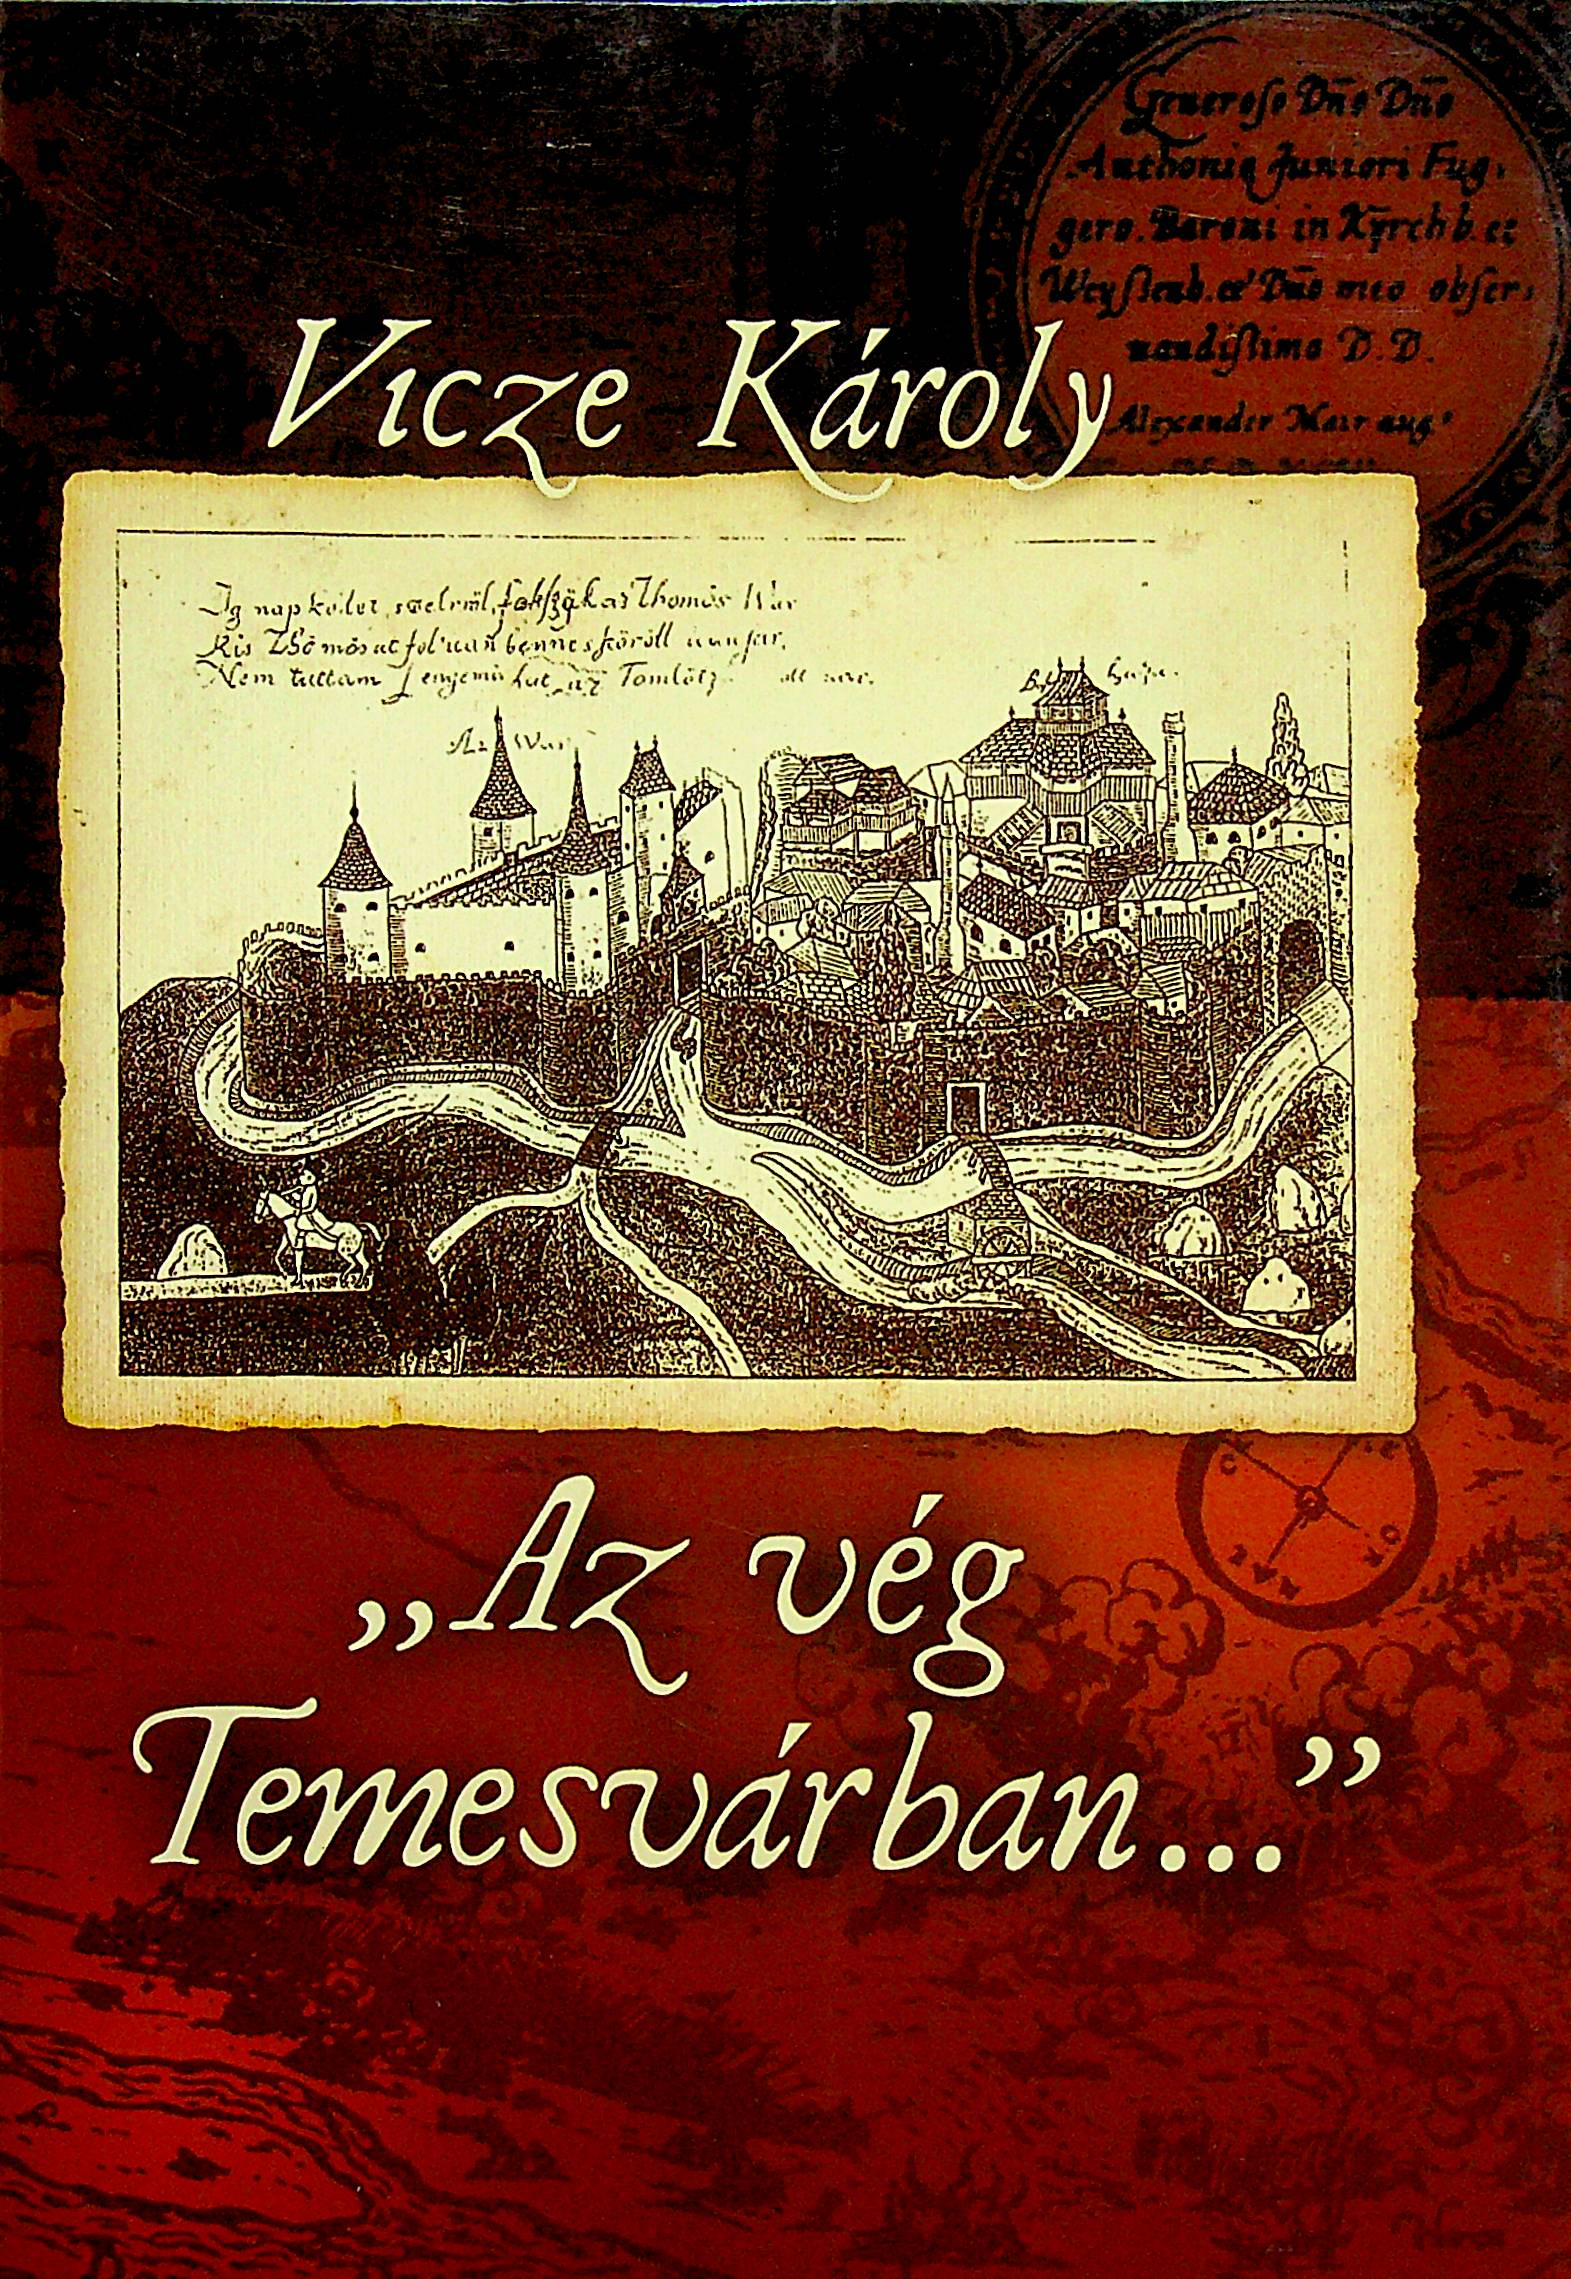 Az vég Temesvárban… - Temesváros